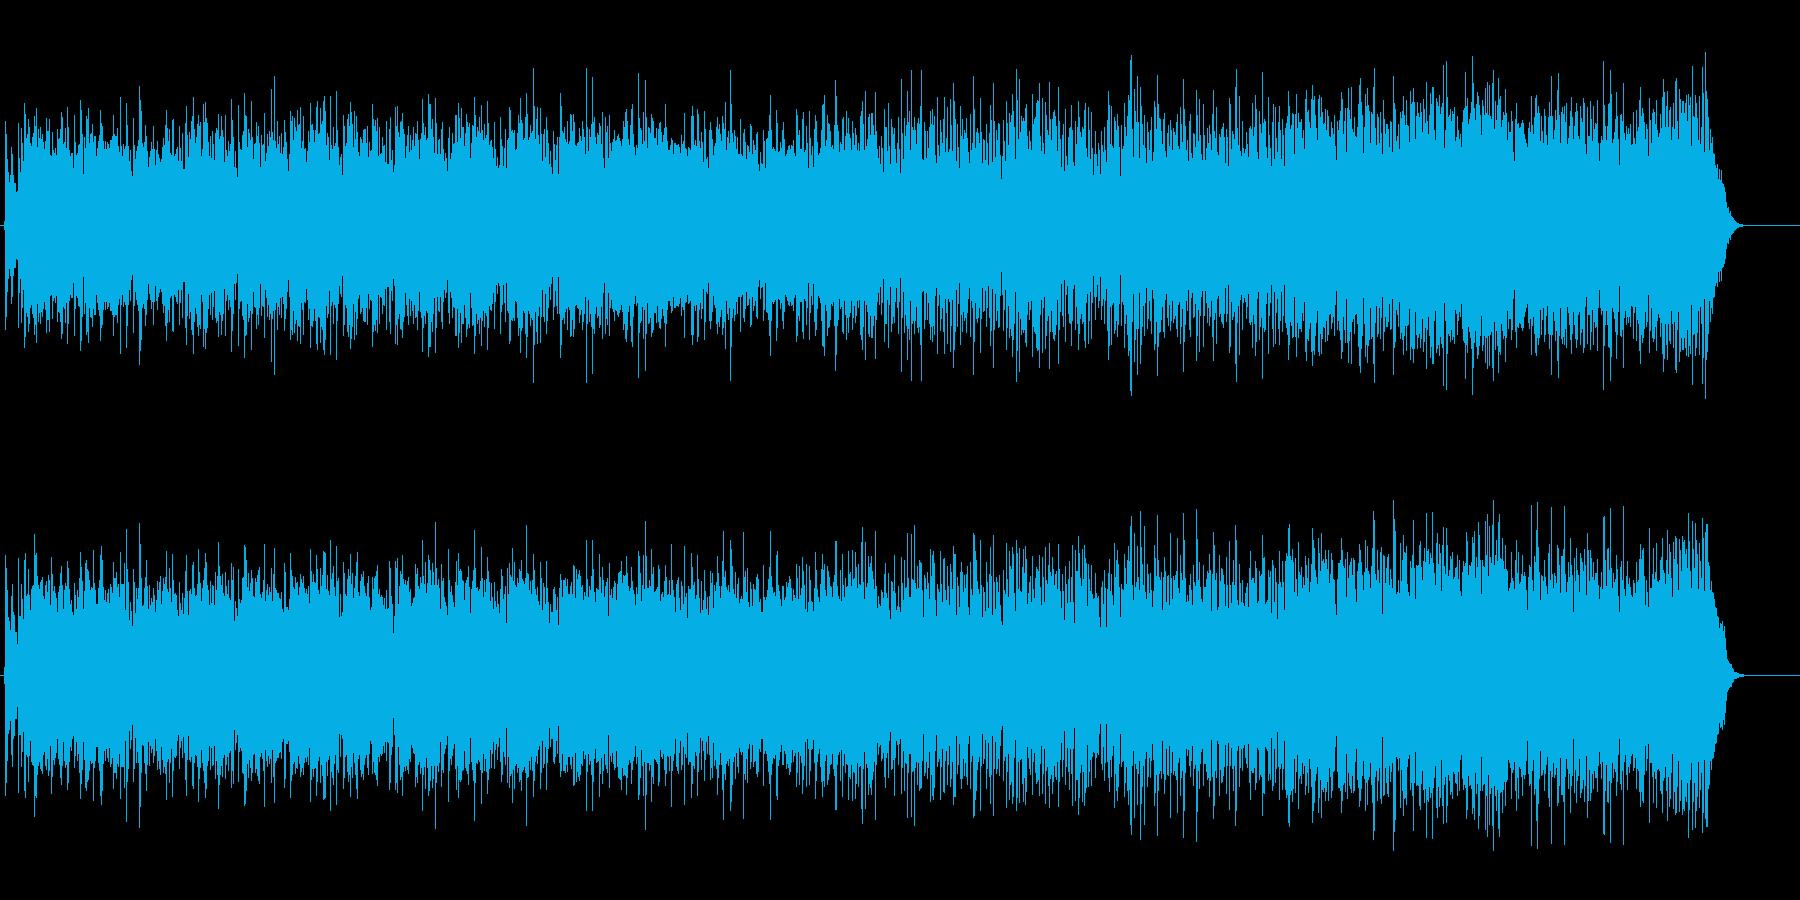 アイダホの大地風のカントリーミュージックの再生済みの波形